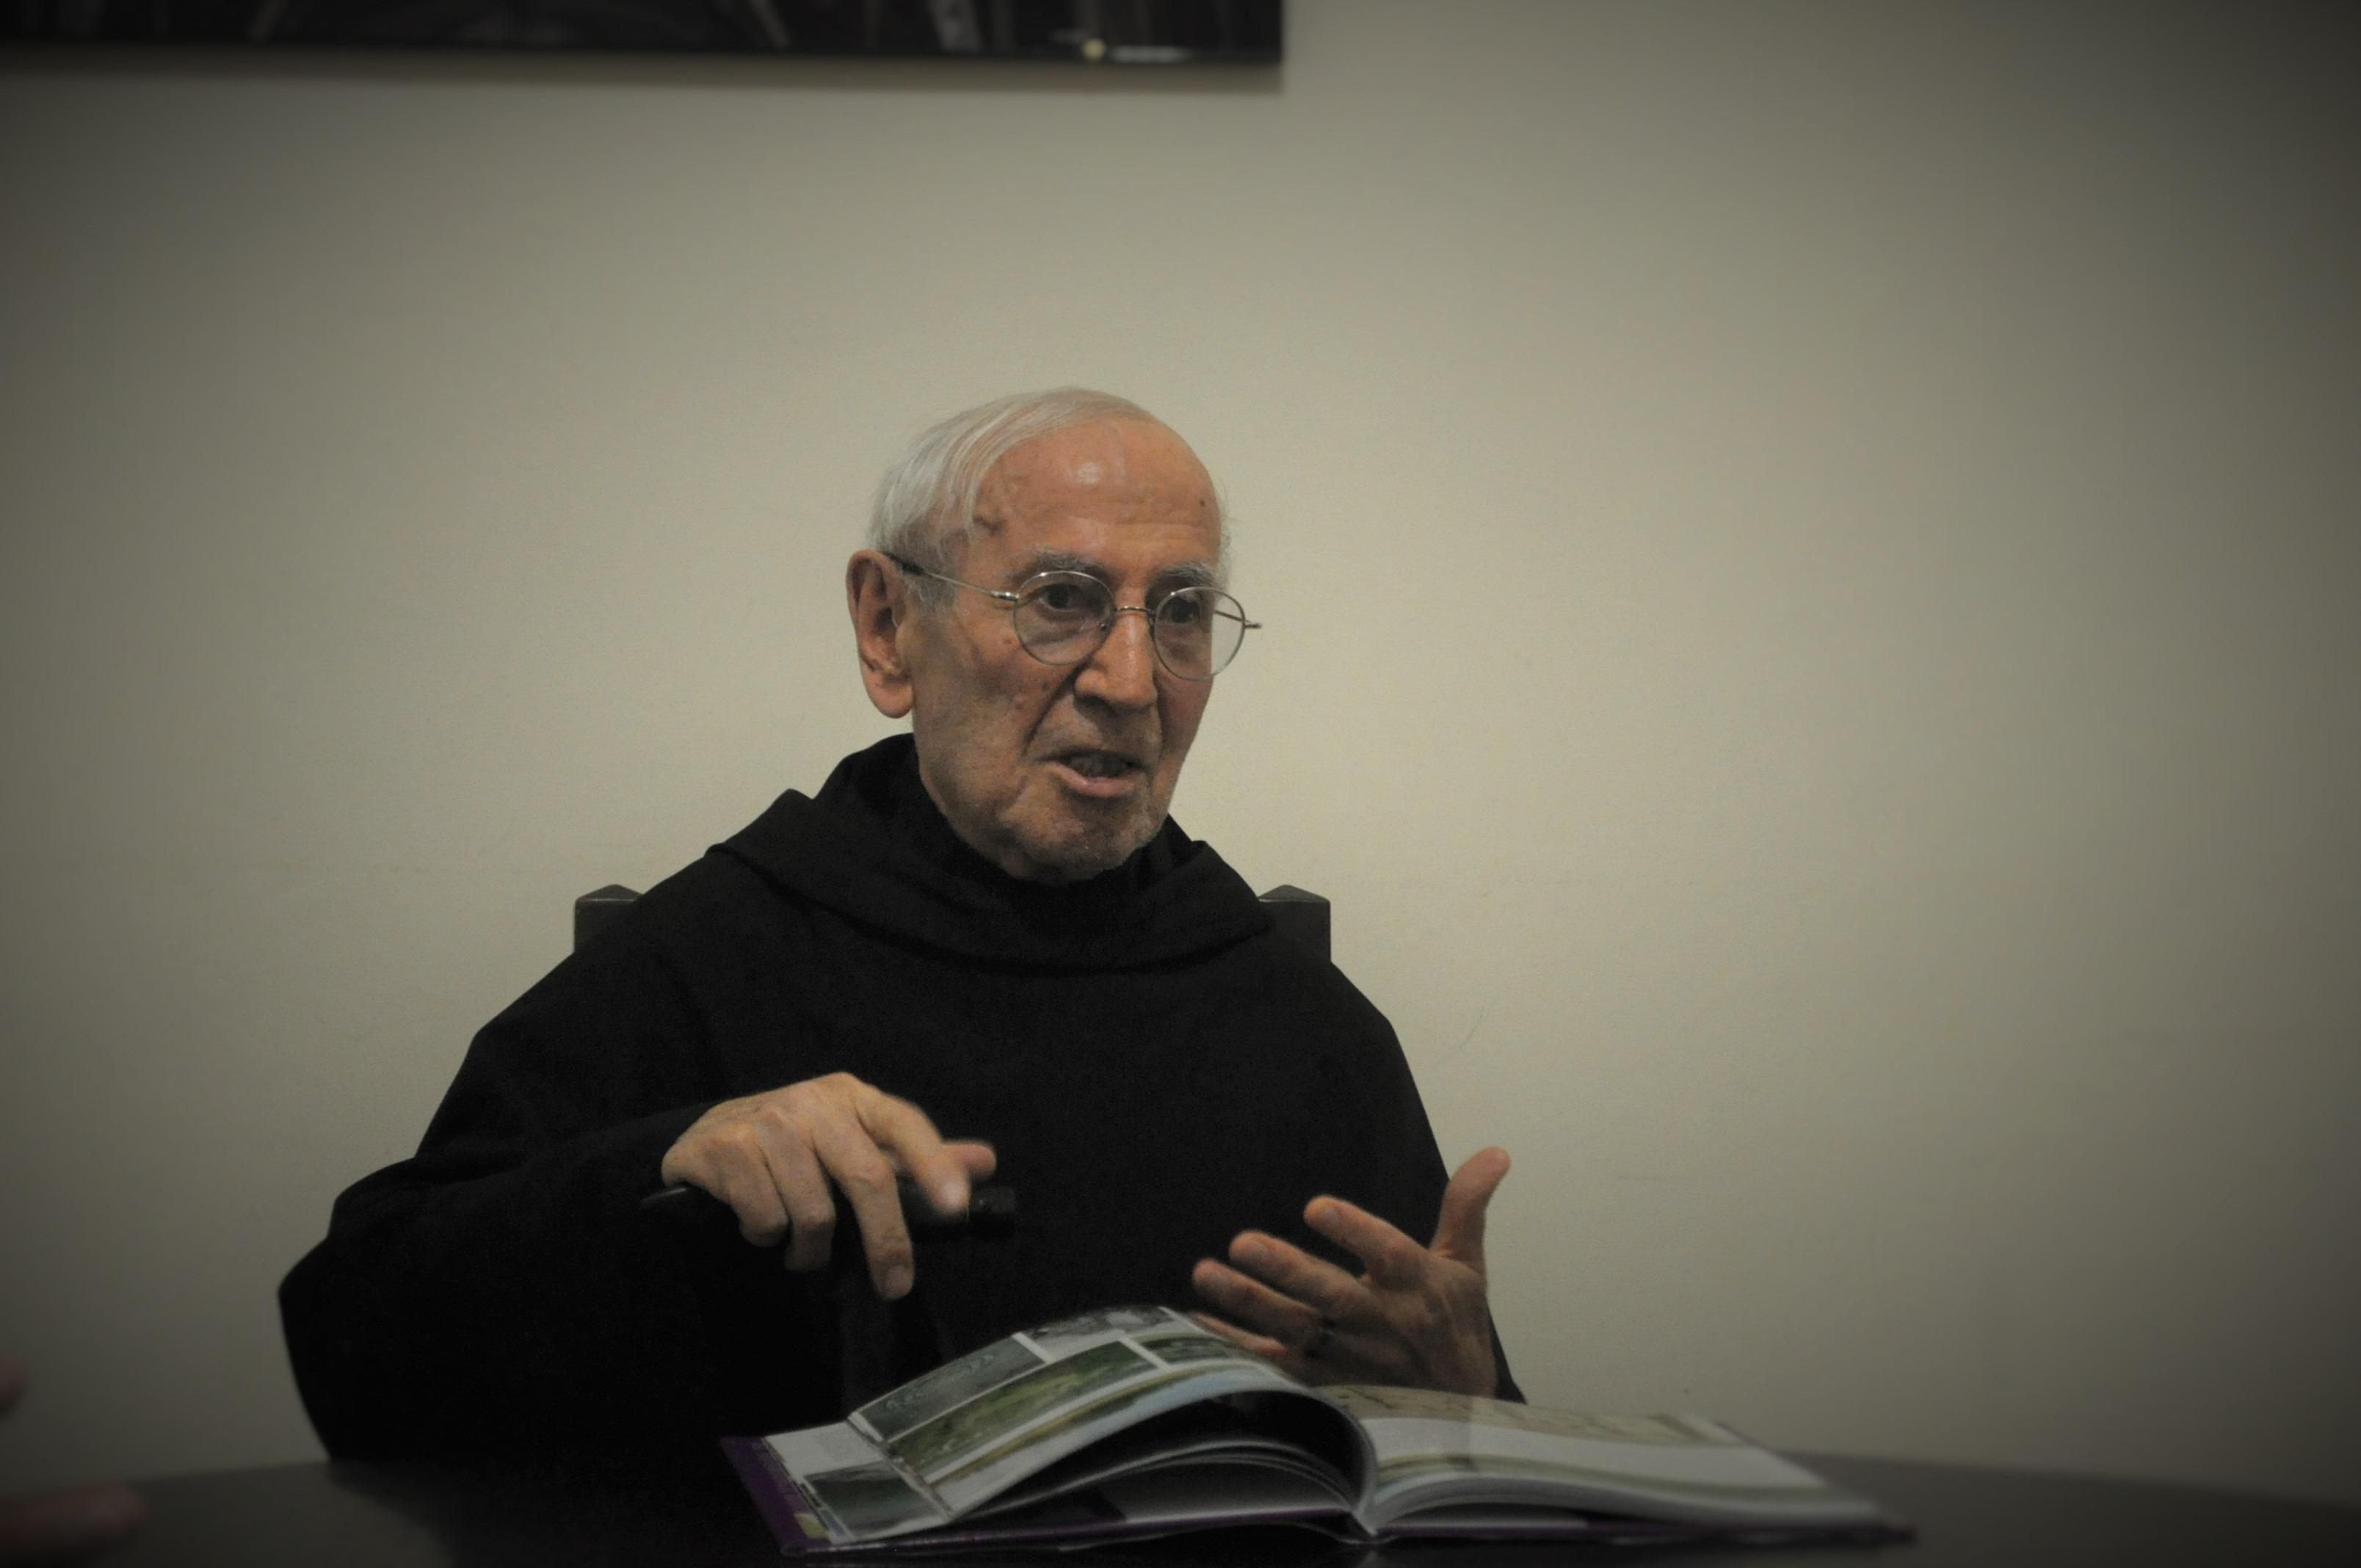 Затова пък се запознахме с единствения български обитател на манастира в Асизи – падре Владимир Пенев. Най-старият монах в светата обител е на 91 години и пристига в Италия през далечната 1938 година. Известен е още и като монахът -художник, изработил копията на пет папски герба.